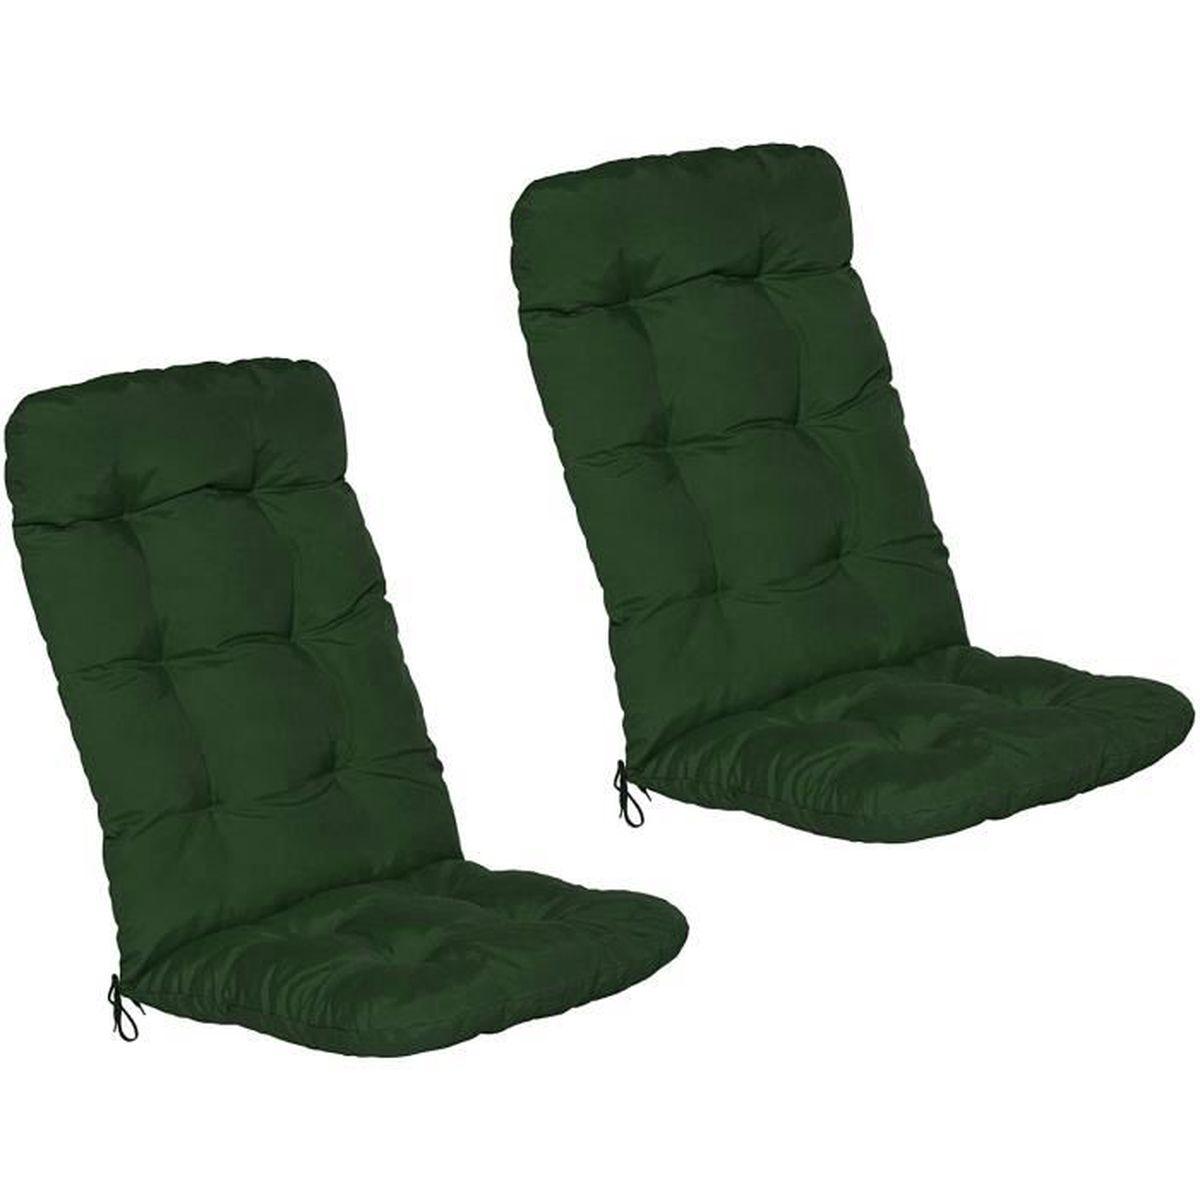 nouveaux styles 6e67b a3bd9 BEAUTISSU Matelas Coussin pour Chaise Fauteuil de Jardin terrasse Flair HL  120x50x6cm Vert foncé Set de 2 - Dossier Haut